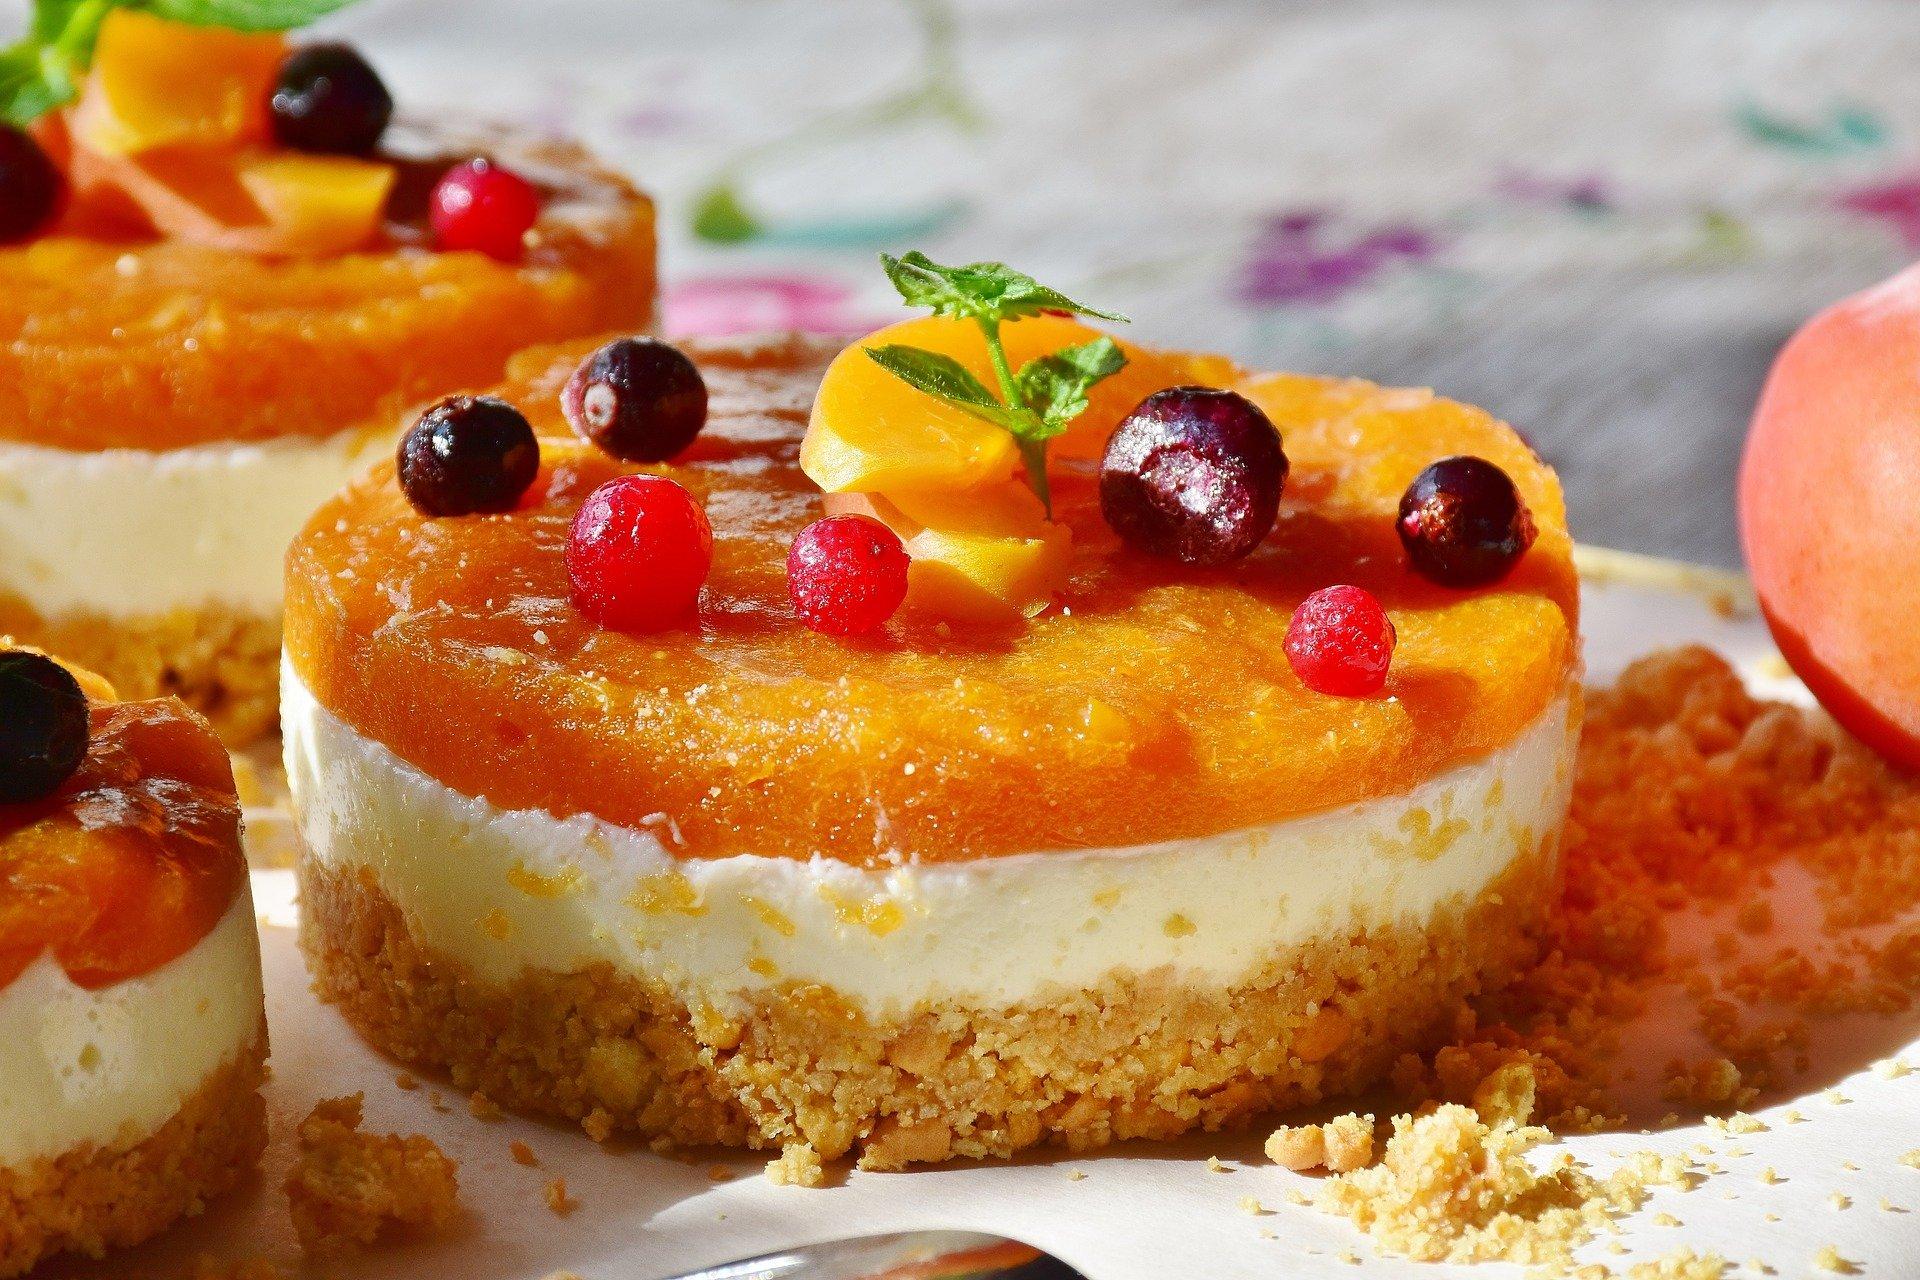 I nepečený koláč může skvěle vypadat a hlavně skvostně chutnat!